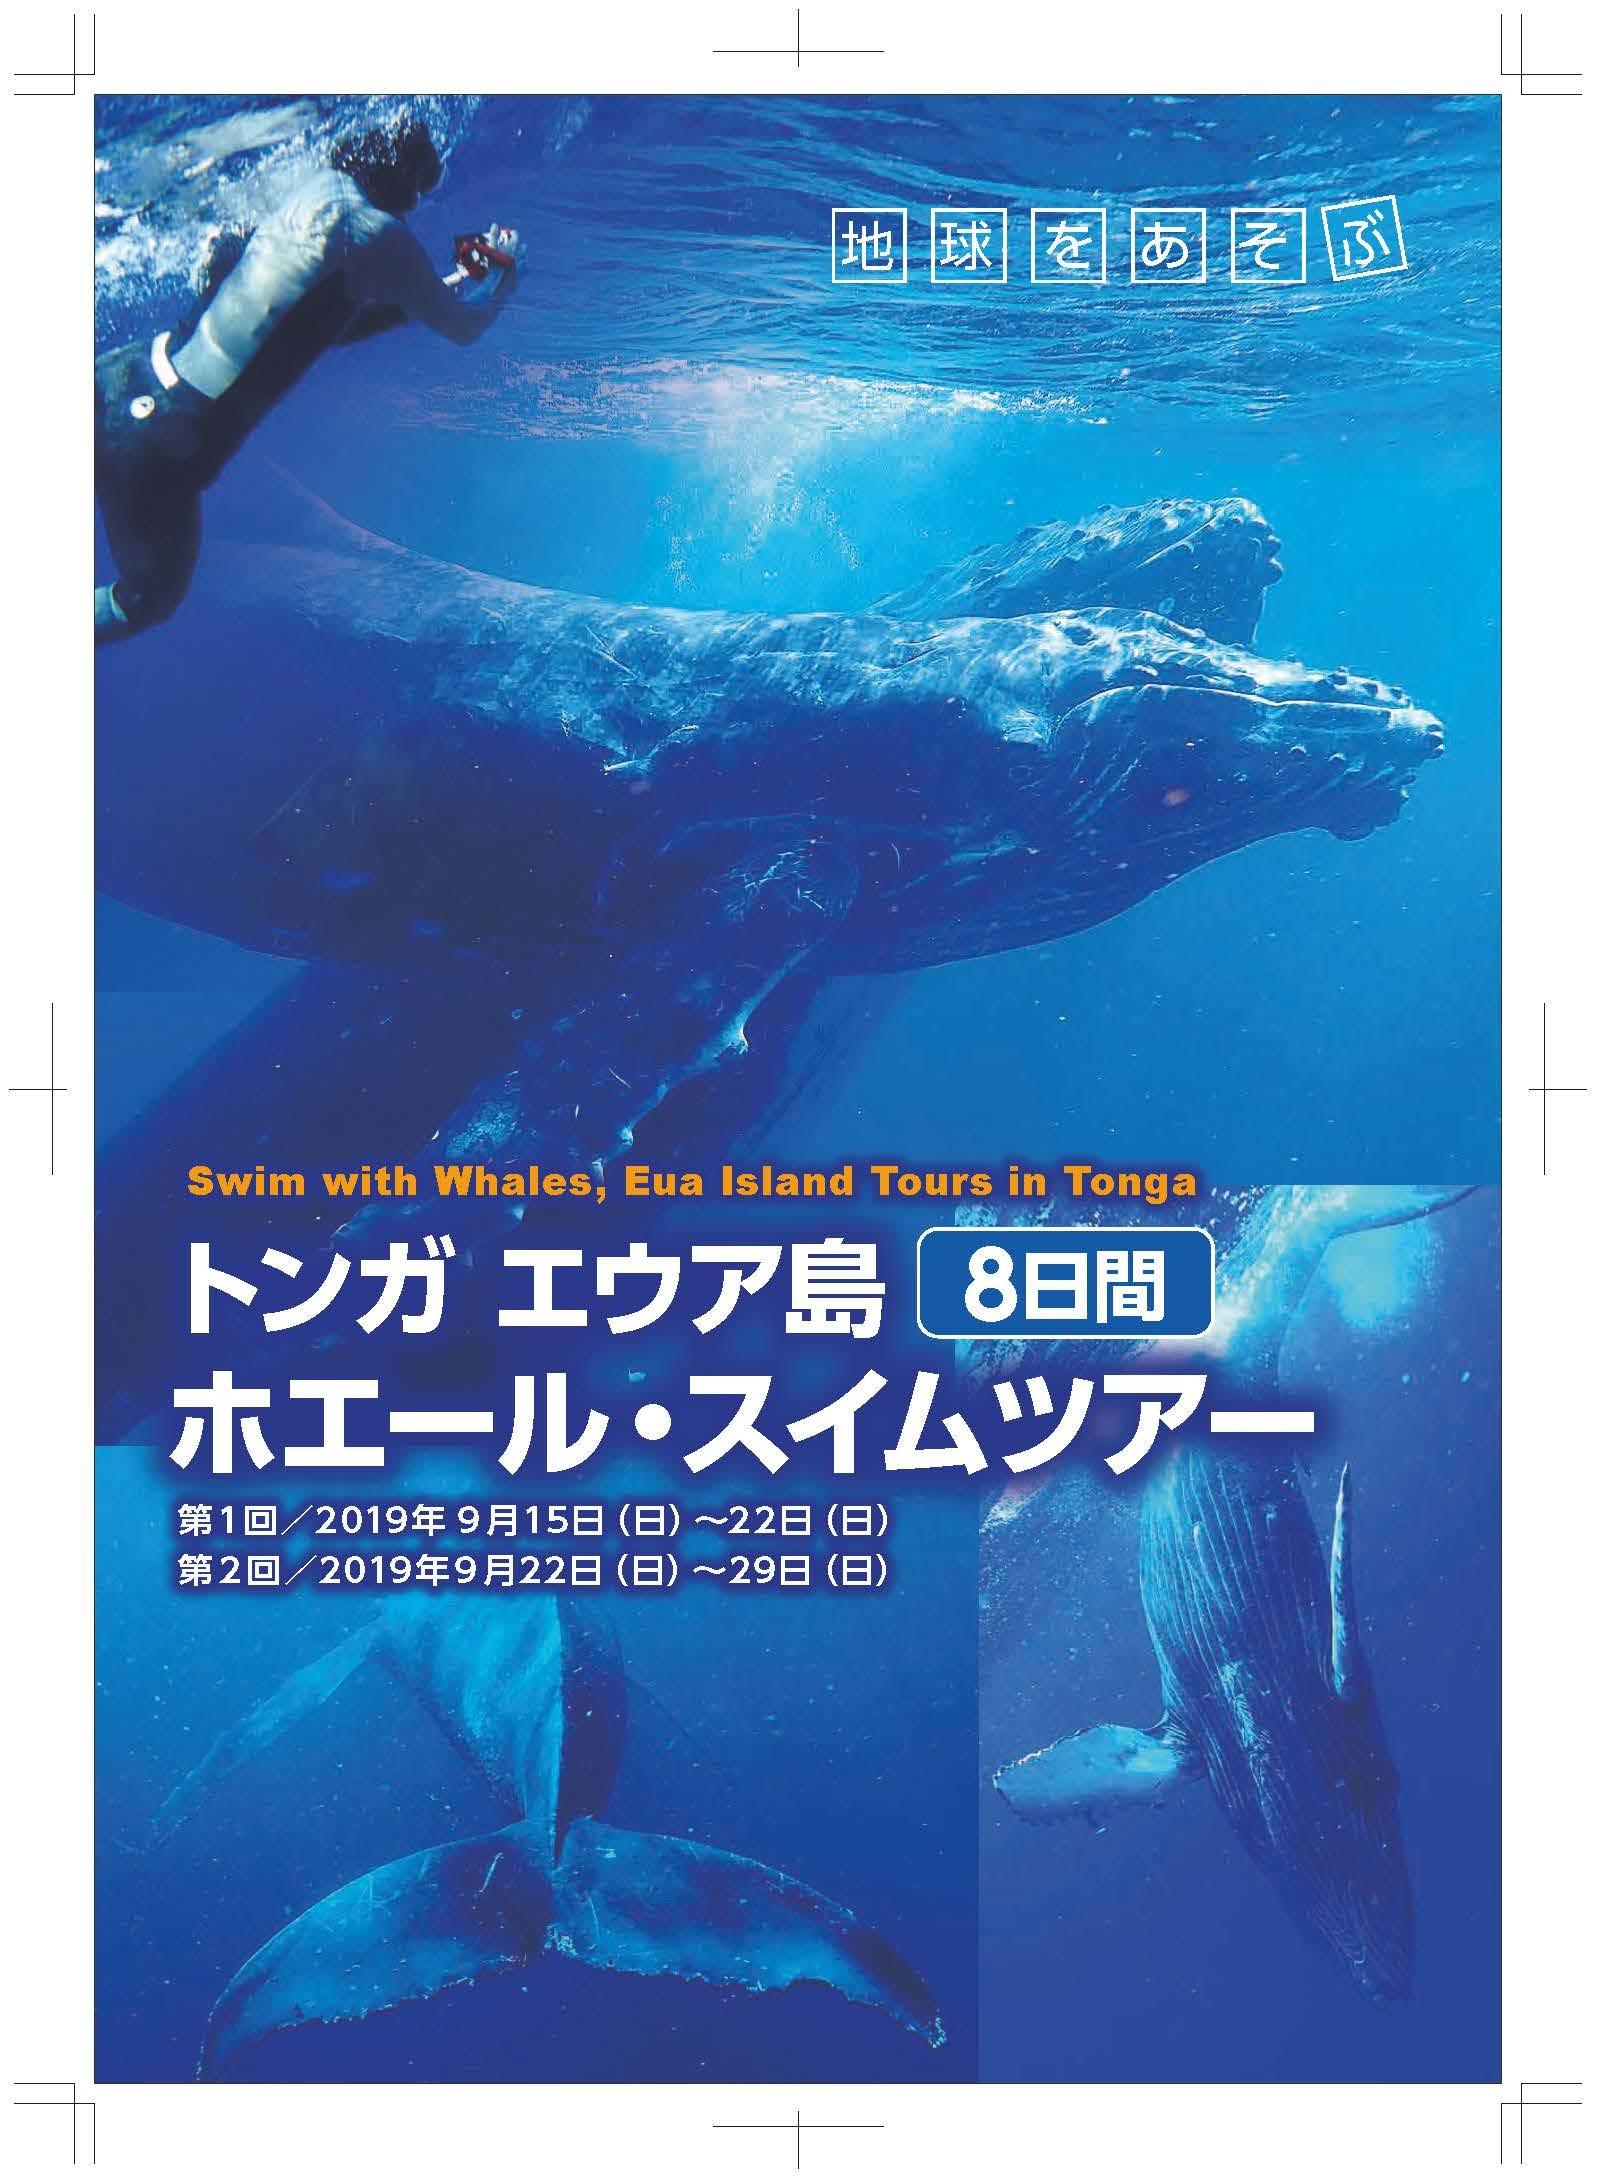 参議院選挙とクジラと泳ぐトンガツアー_d0115650_02075157.jpg